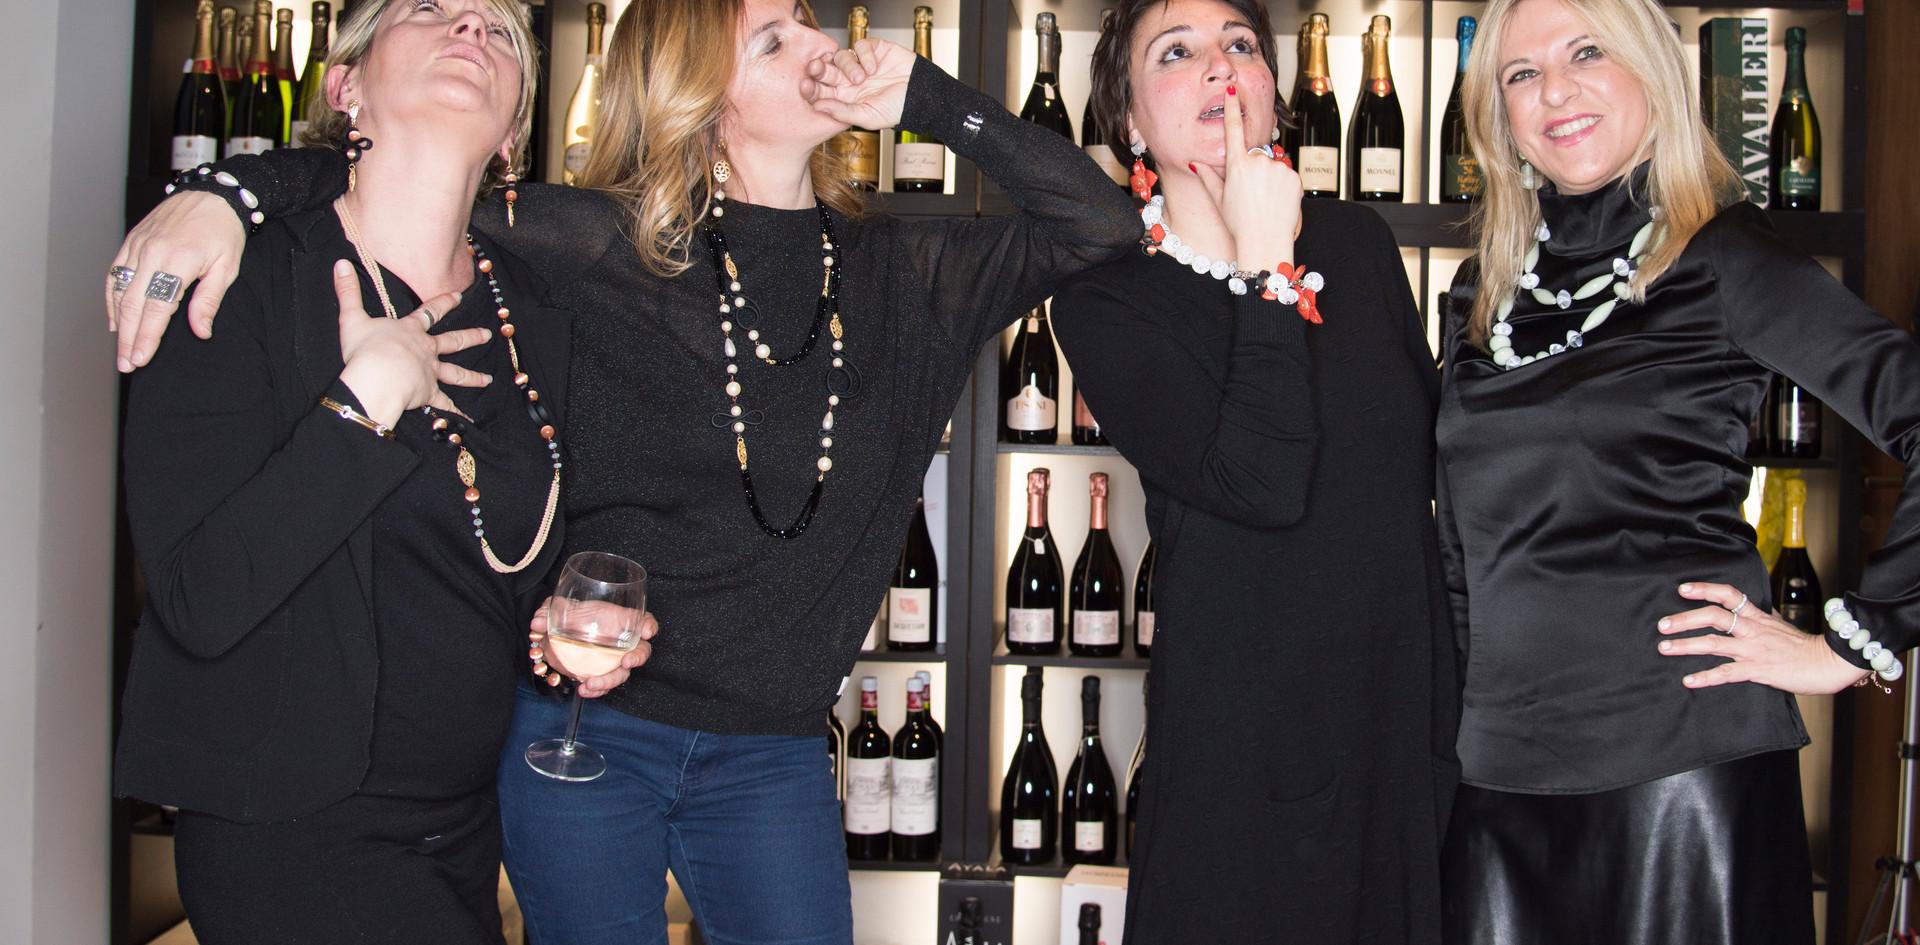 festa di primavera 2018 collane bracciali orecchini per tuttele occasioni amici festa (43).jpg